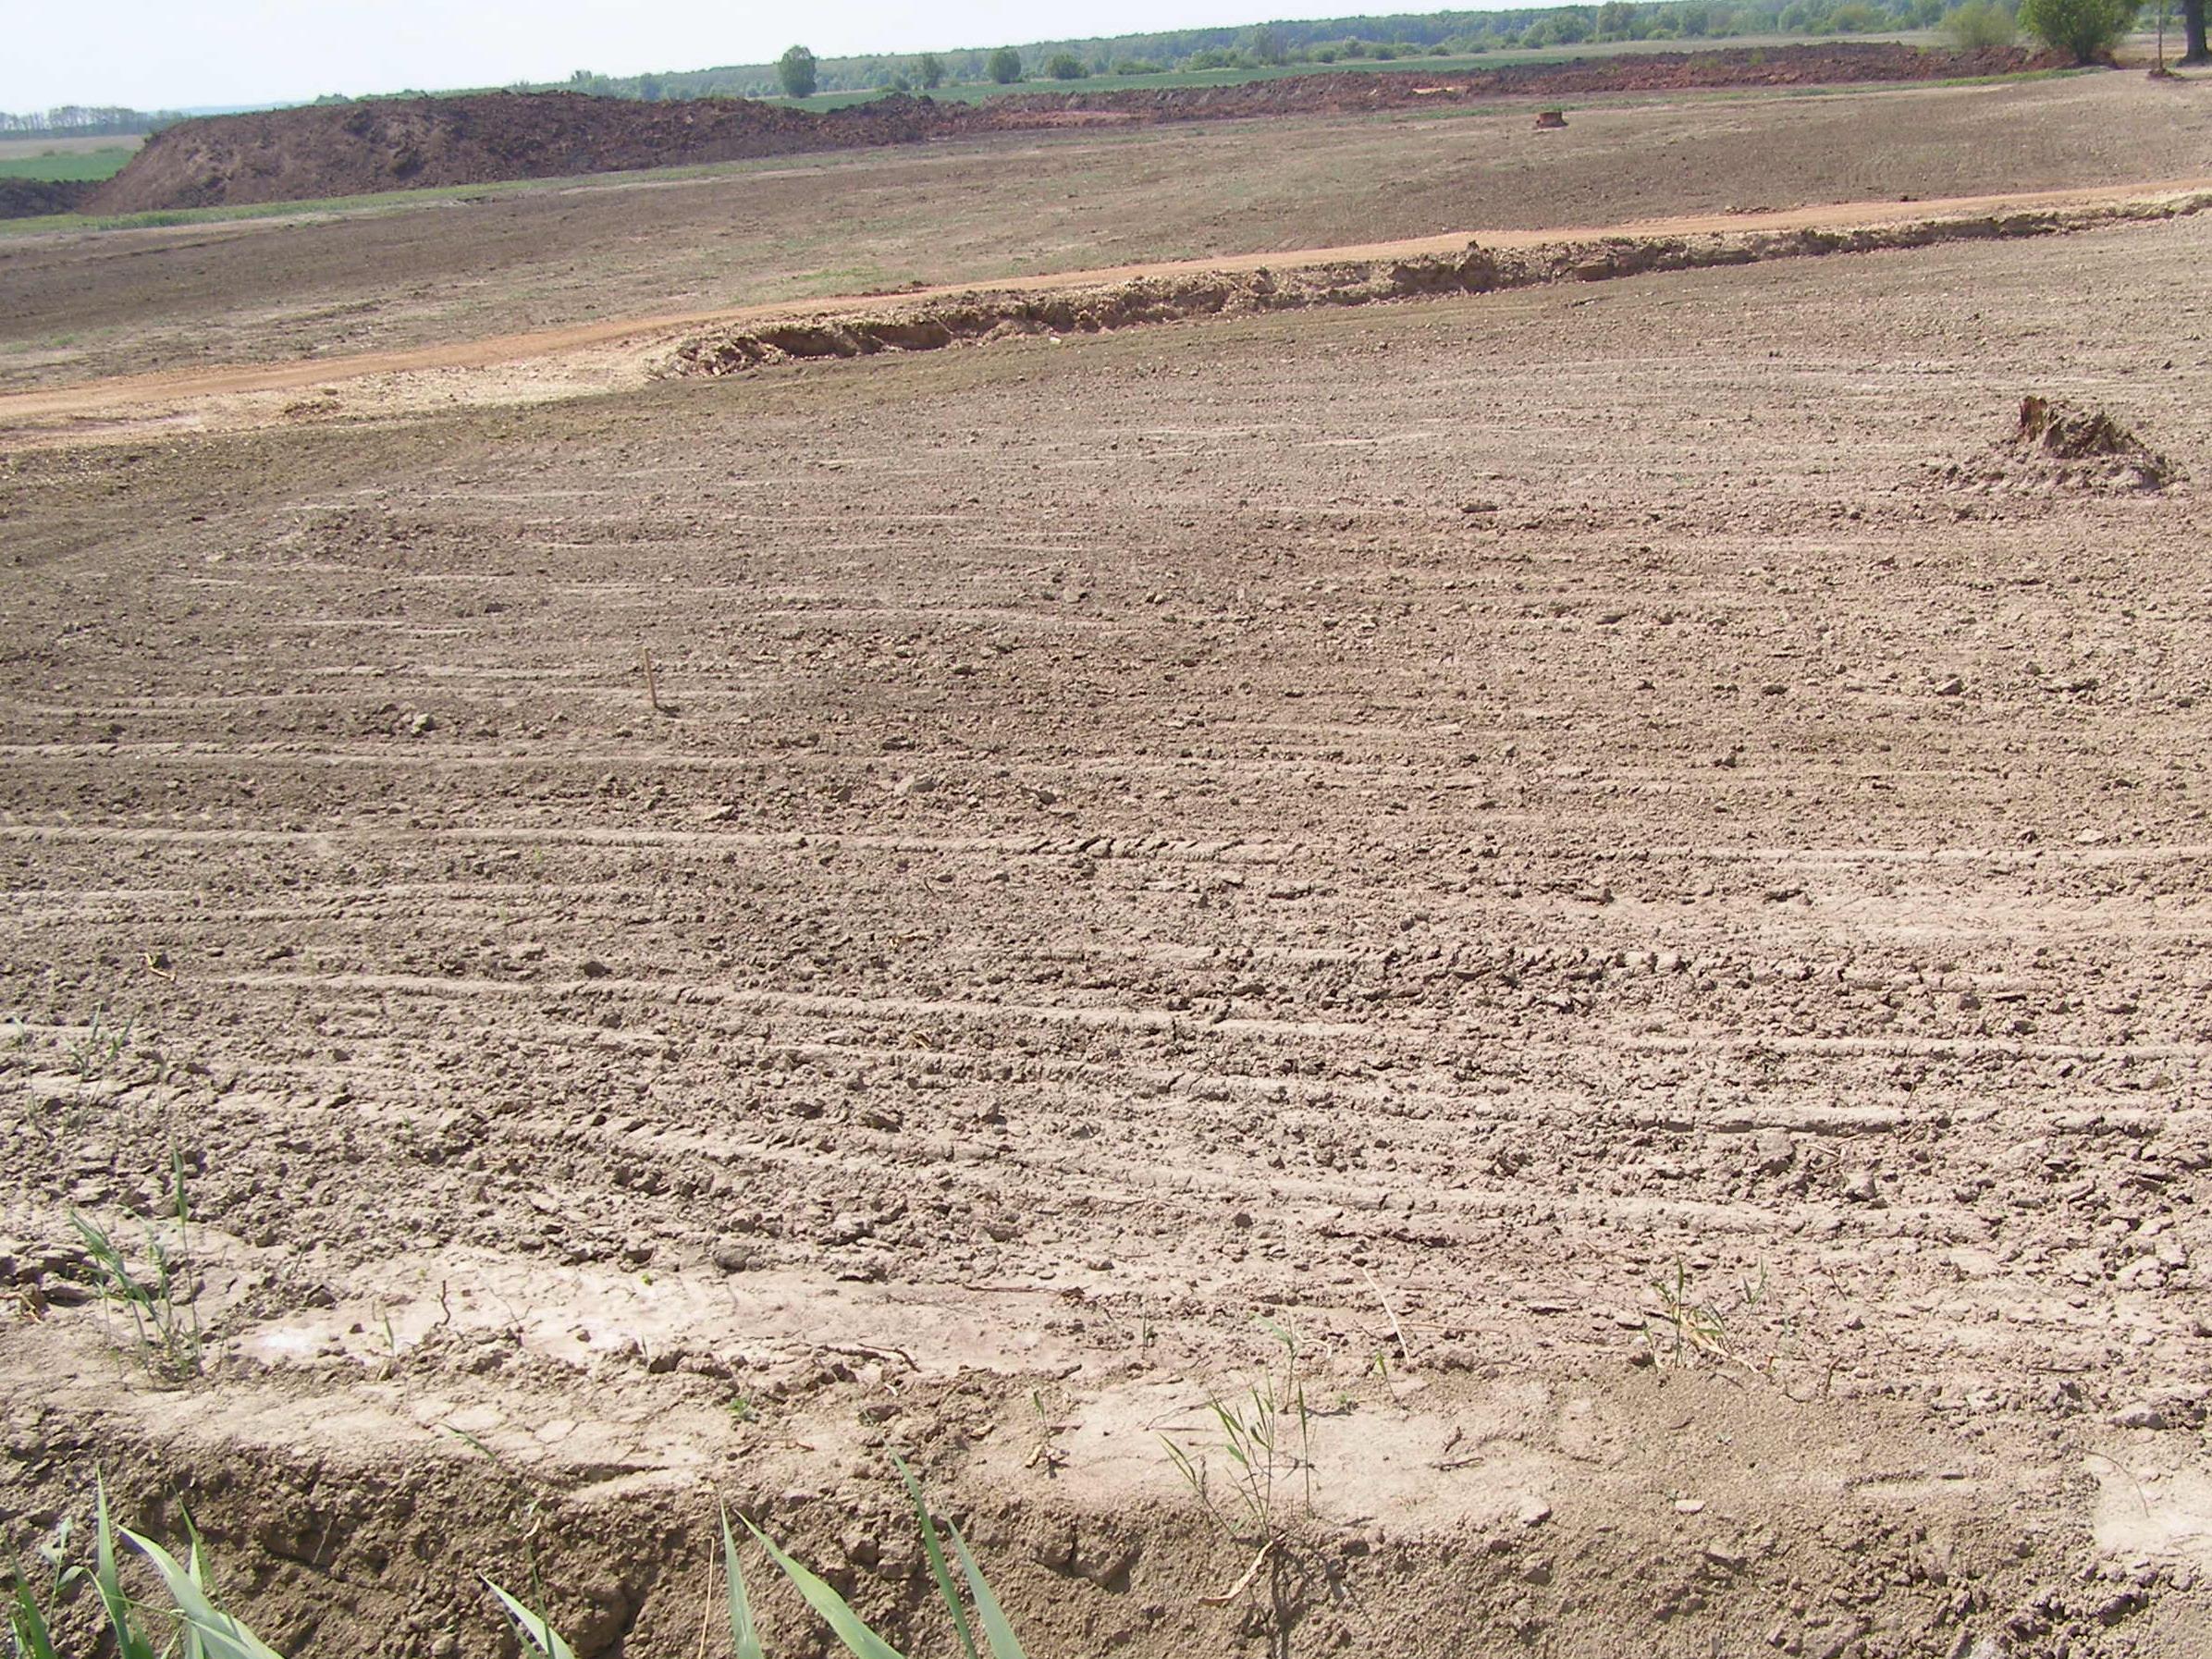 Letakarított szántóföld, háttérben a leszedett vörösiszap kupacok